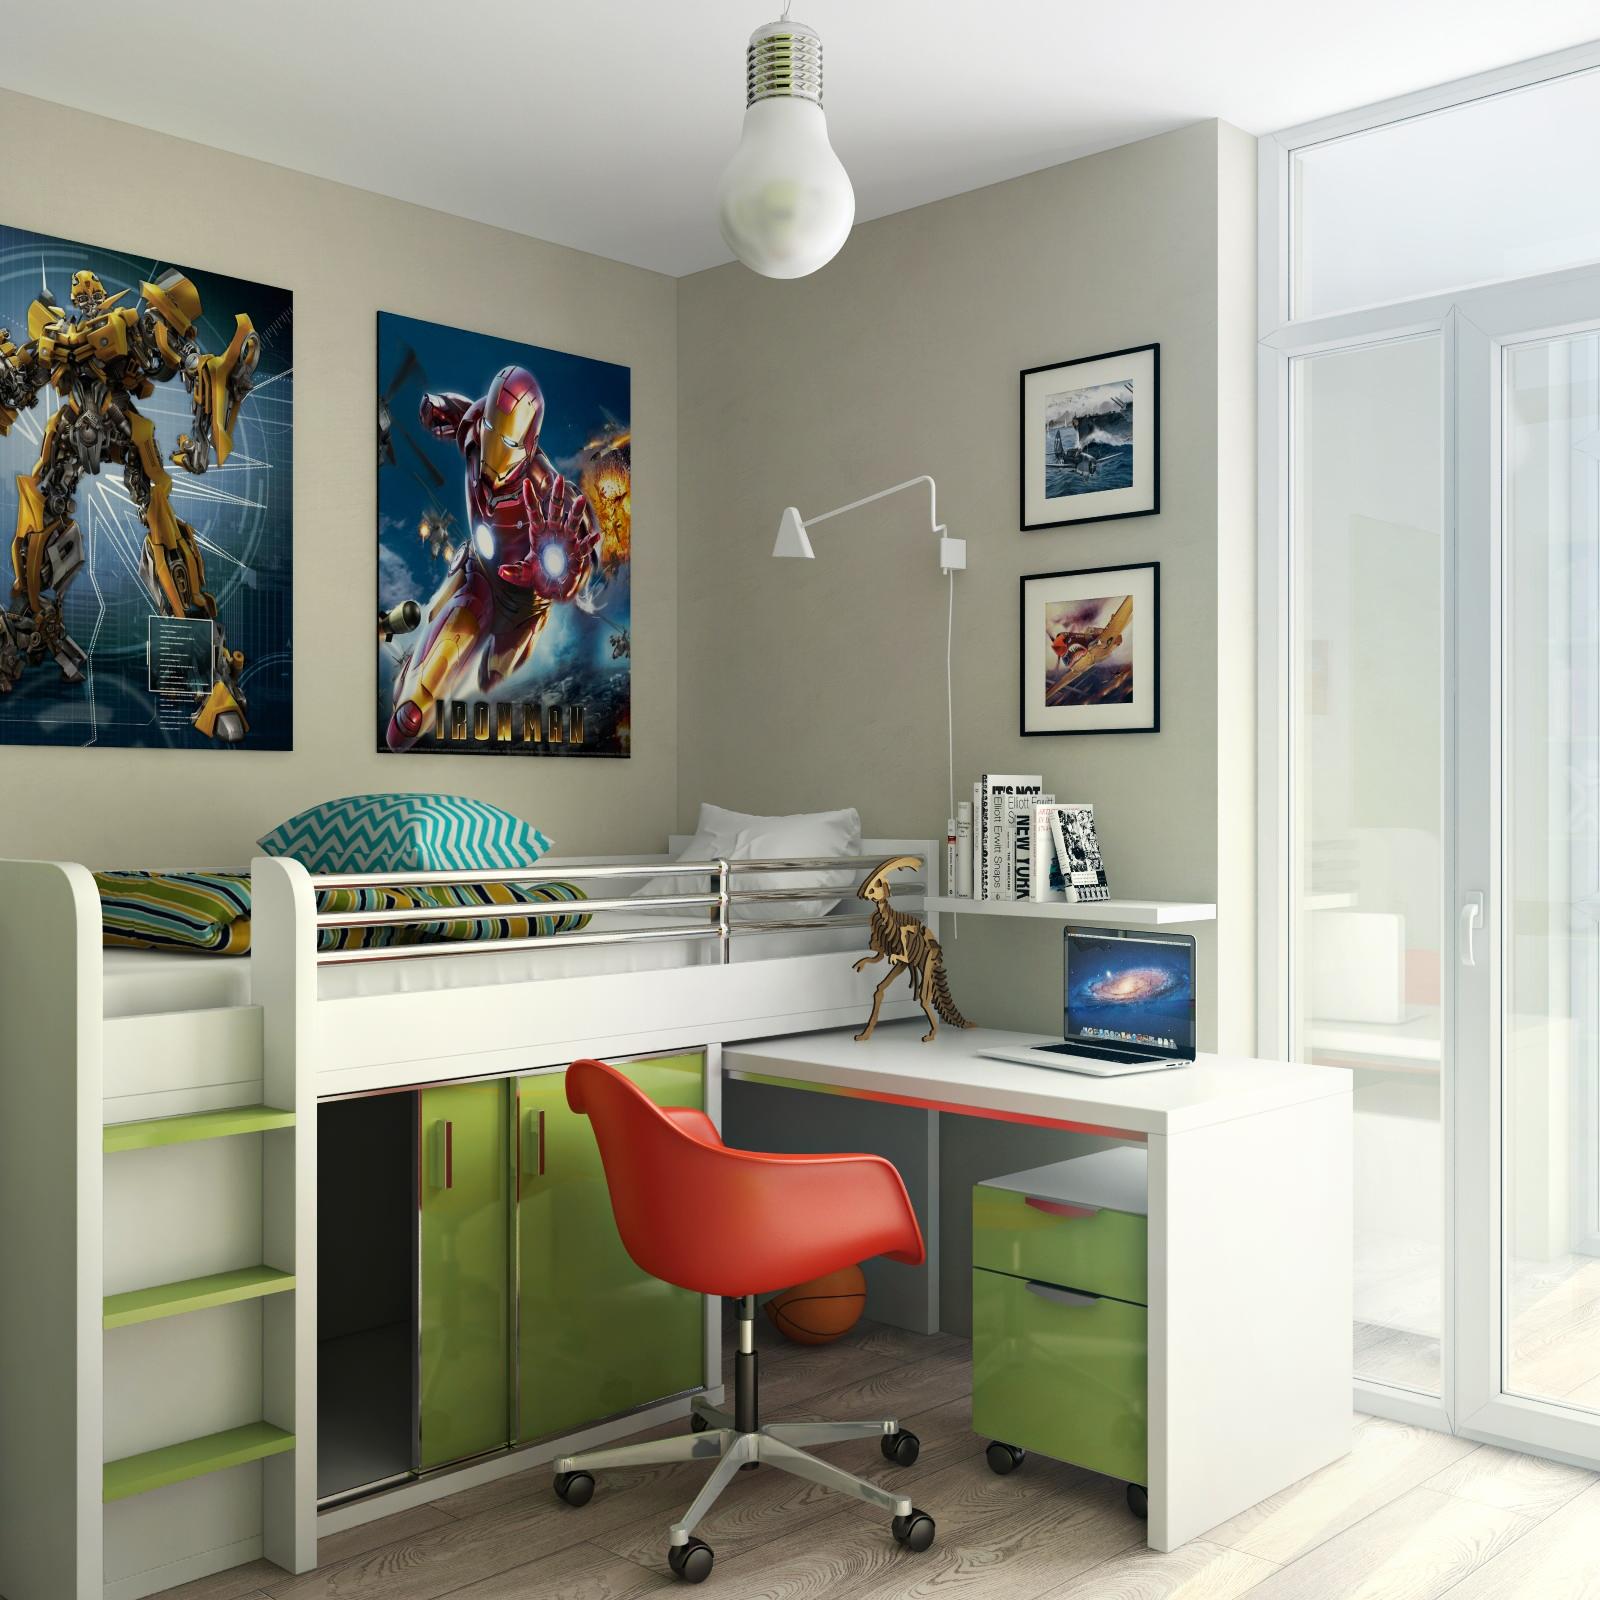 Gia chủ có thể tận dụng không gian bên trên, góc tường để trang trí hoăc treo trên tường tủ đồ, kệ sách để tiết kiệm diện tích